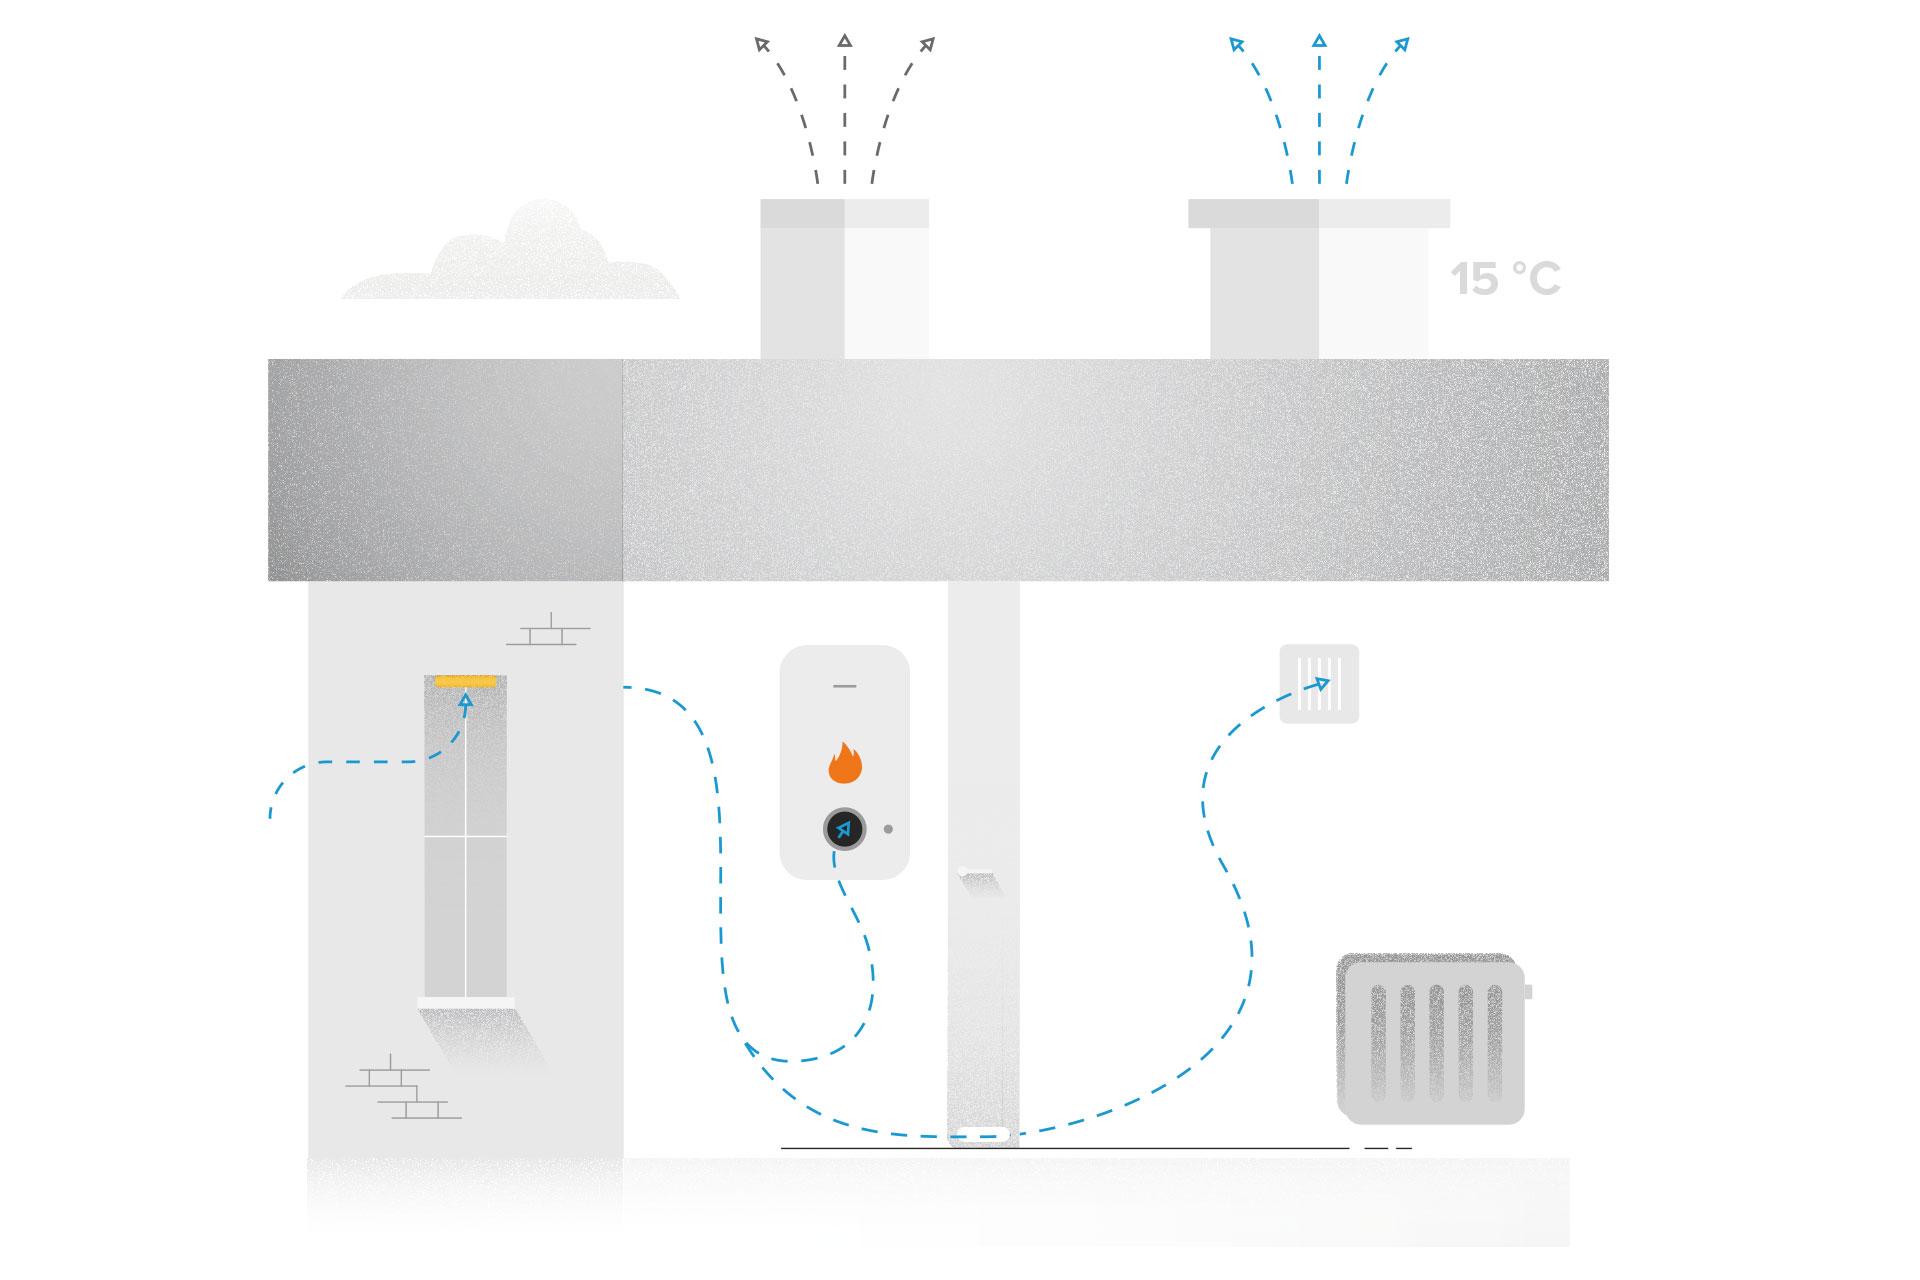 Wentylacja okienna - prawidłowe przepływ powietrza przez nawietrzak okienny